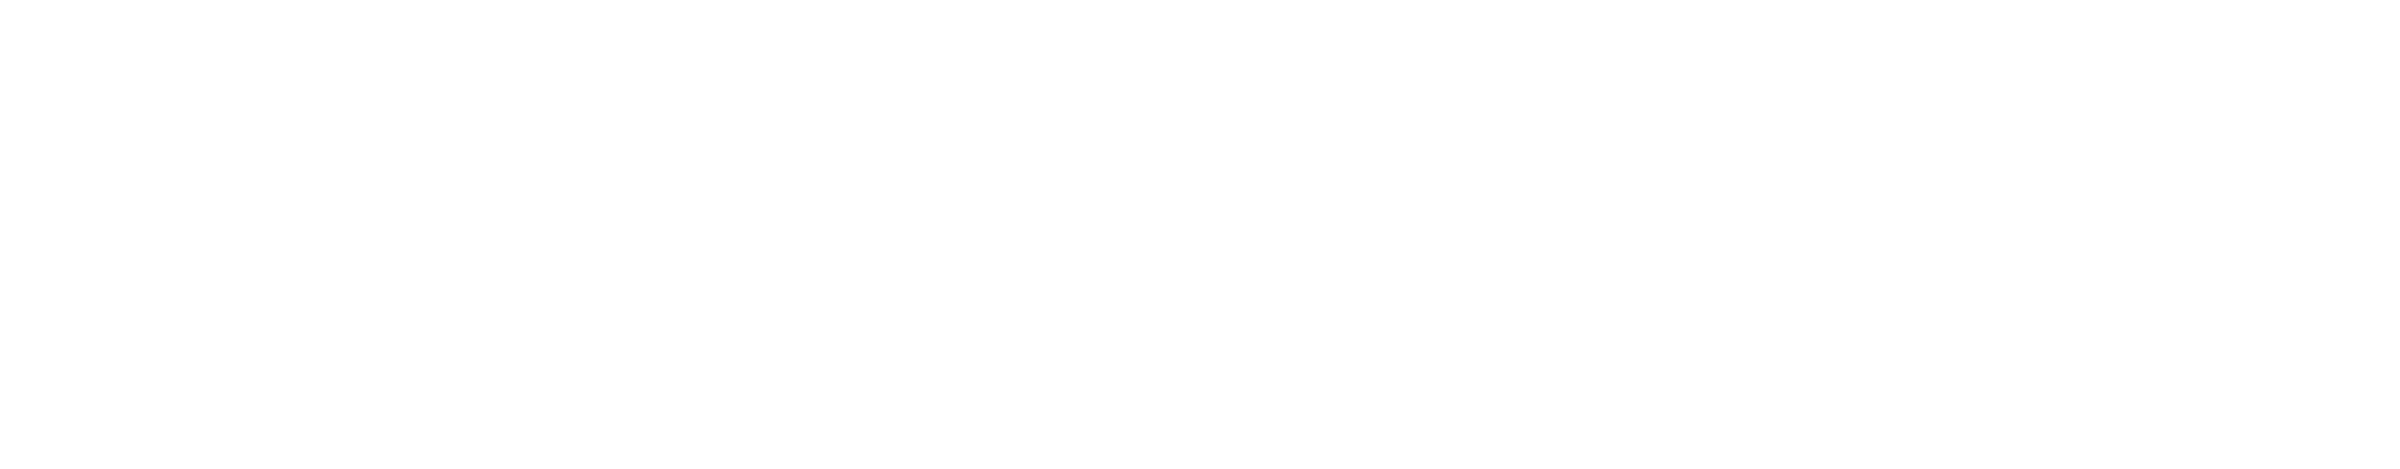 KILLTEC Logo